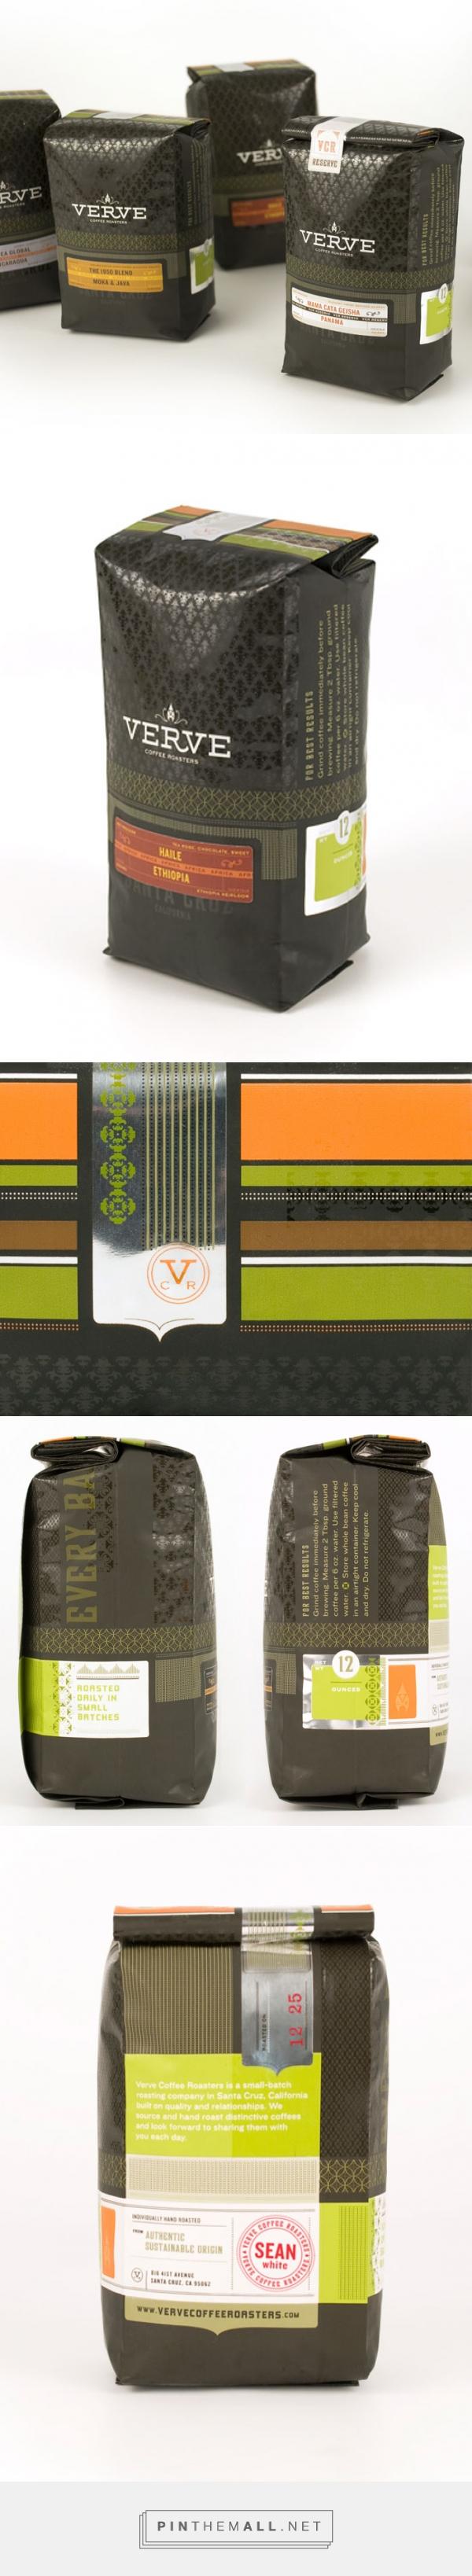 Verve Coffee Roasters — The Dieline - Branding & Packaging